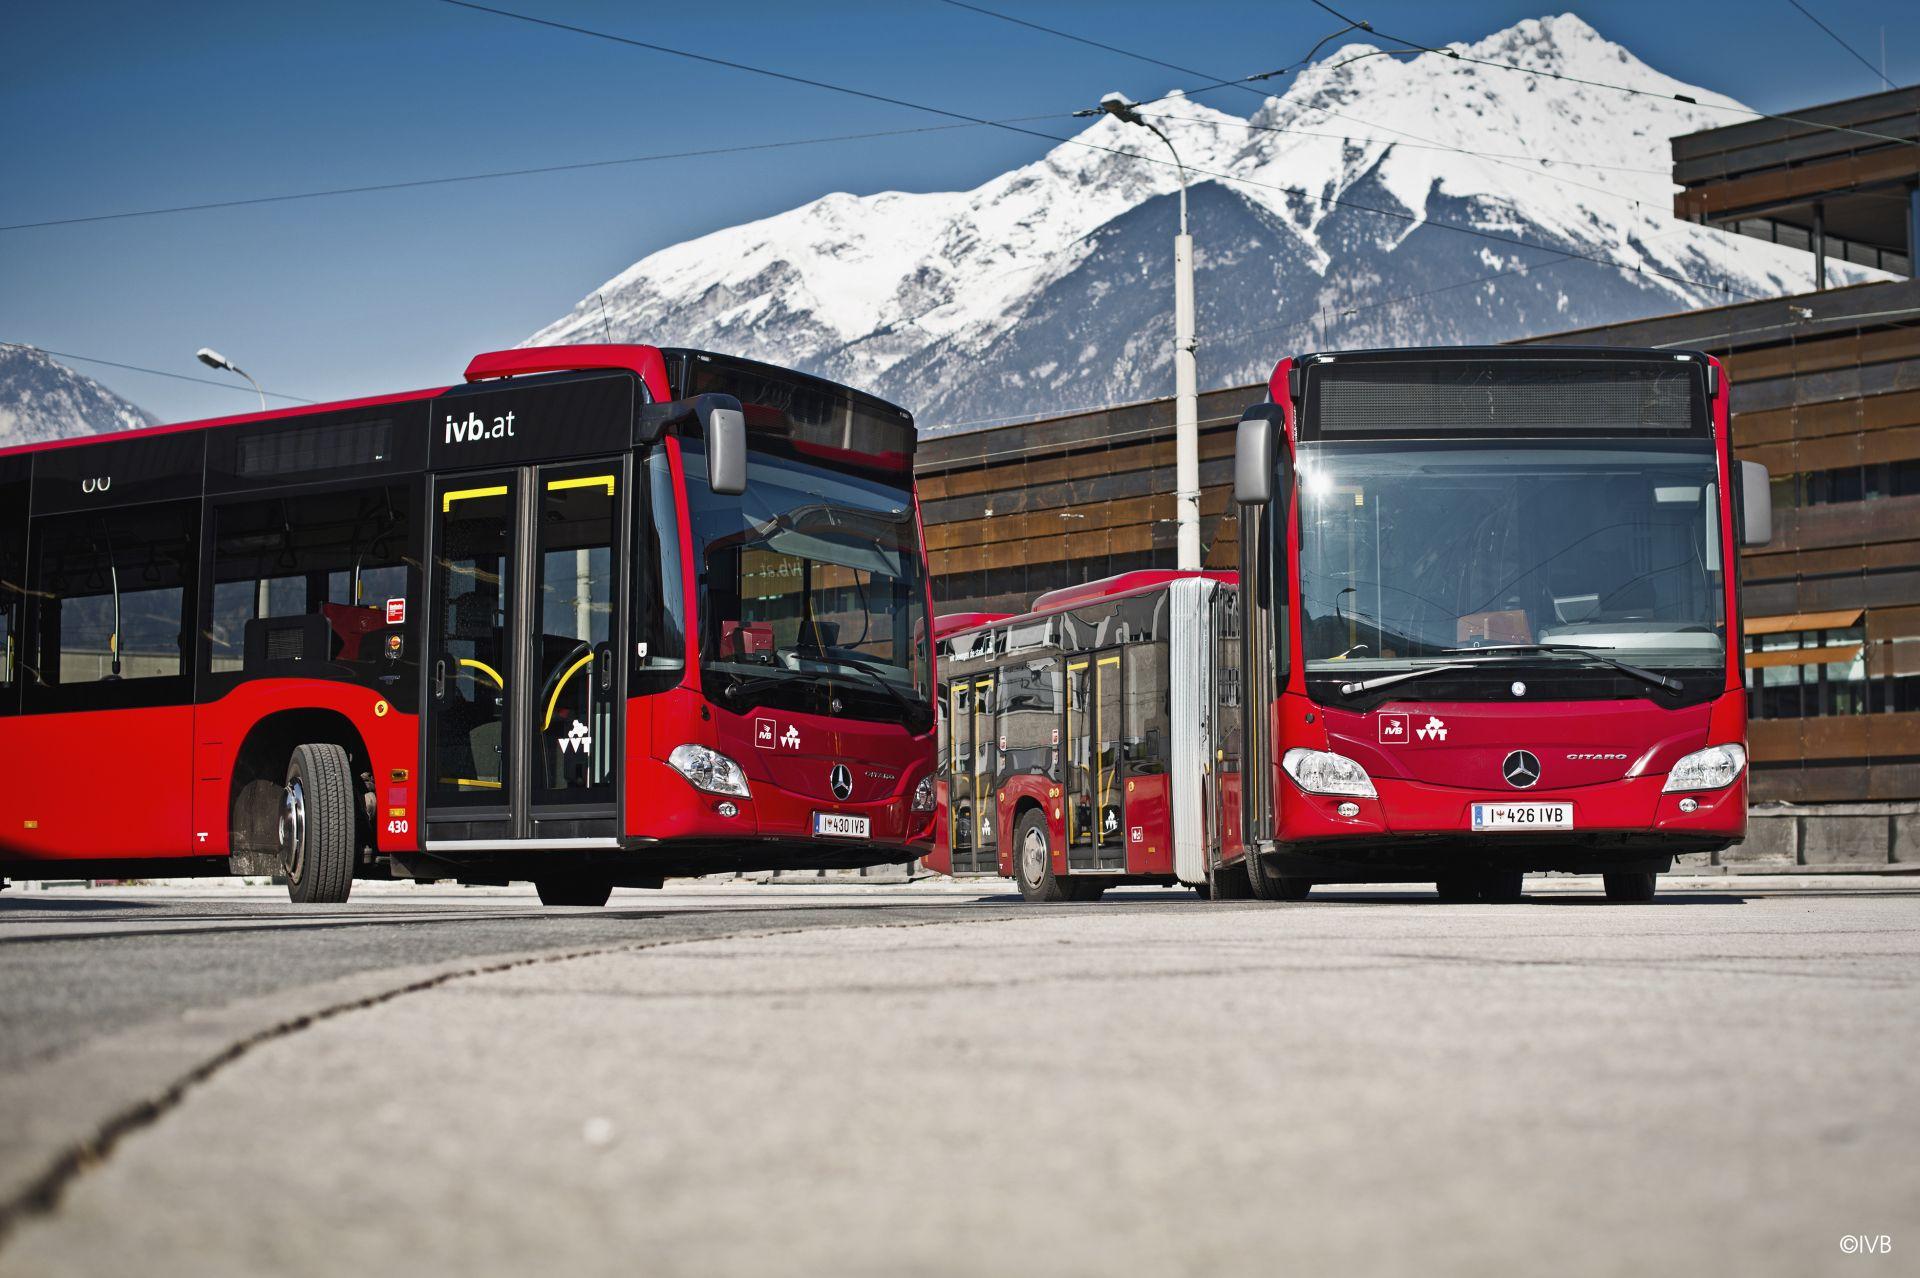 Veřejná doprava v Innsbrucku. Pramen: © IVB